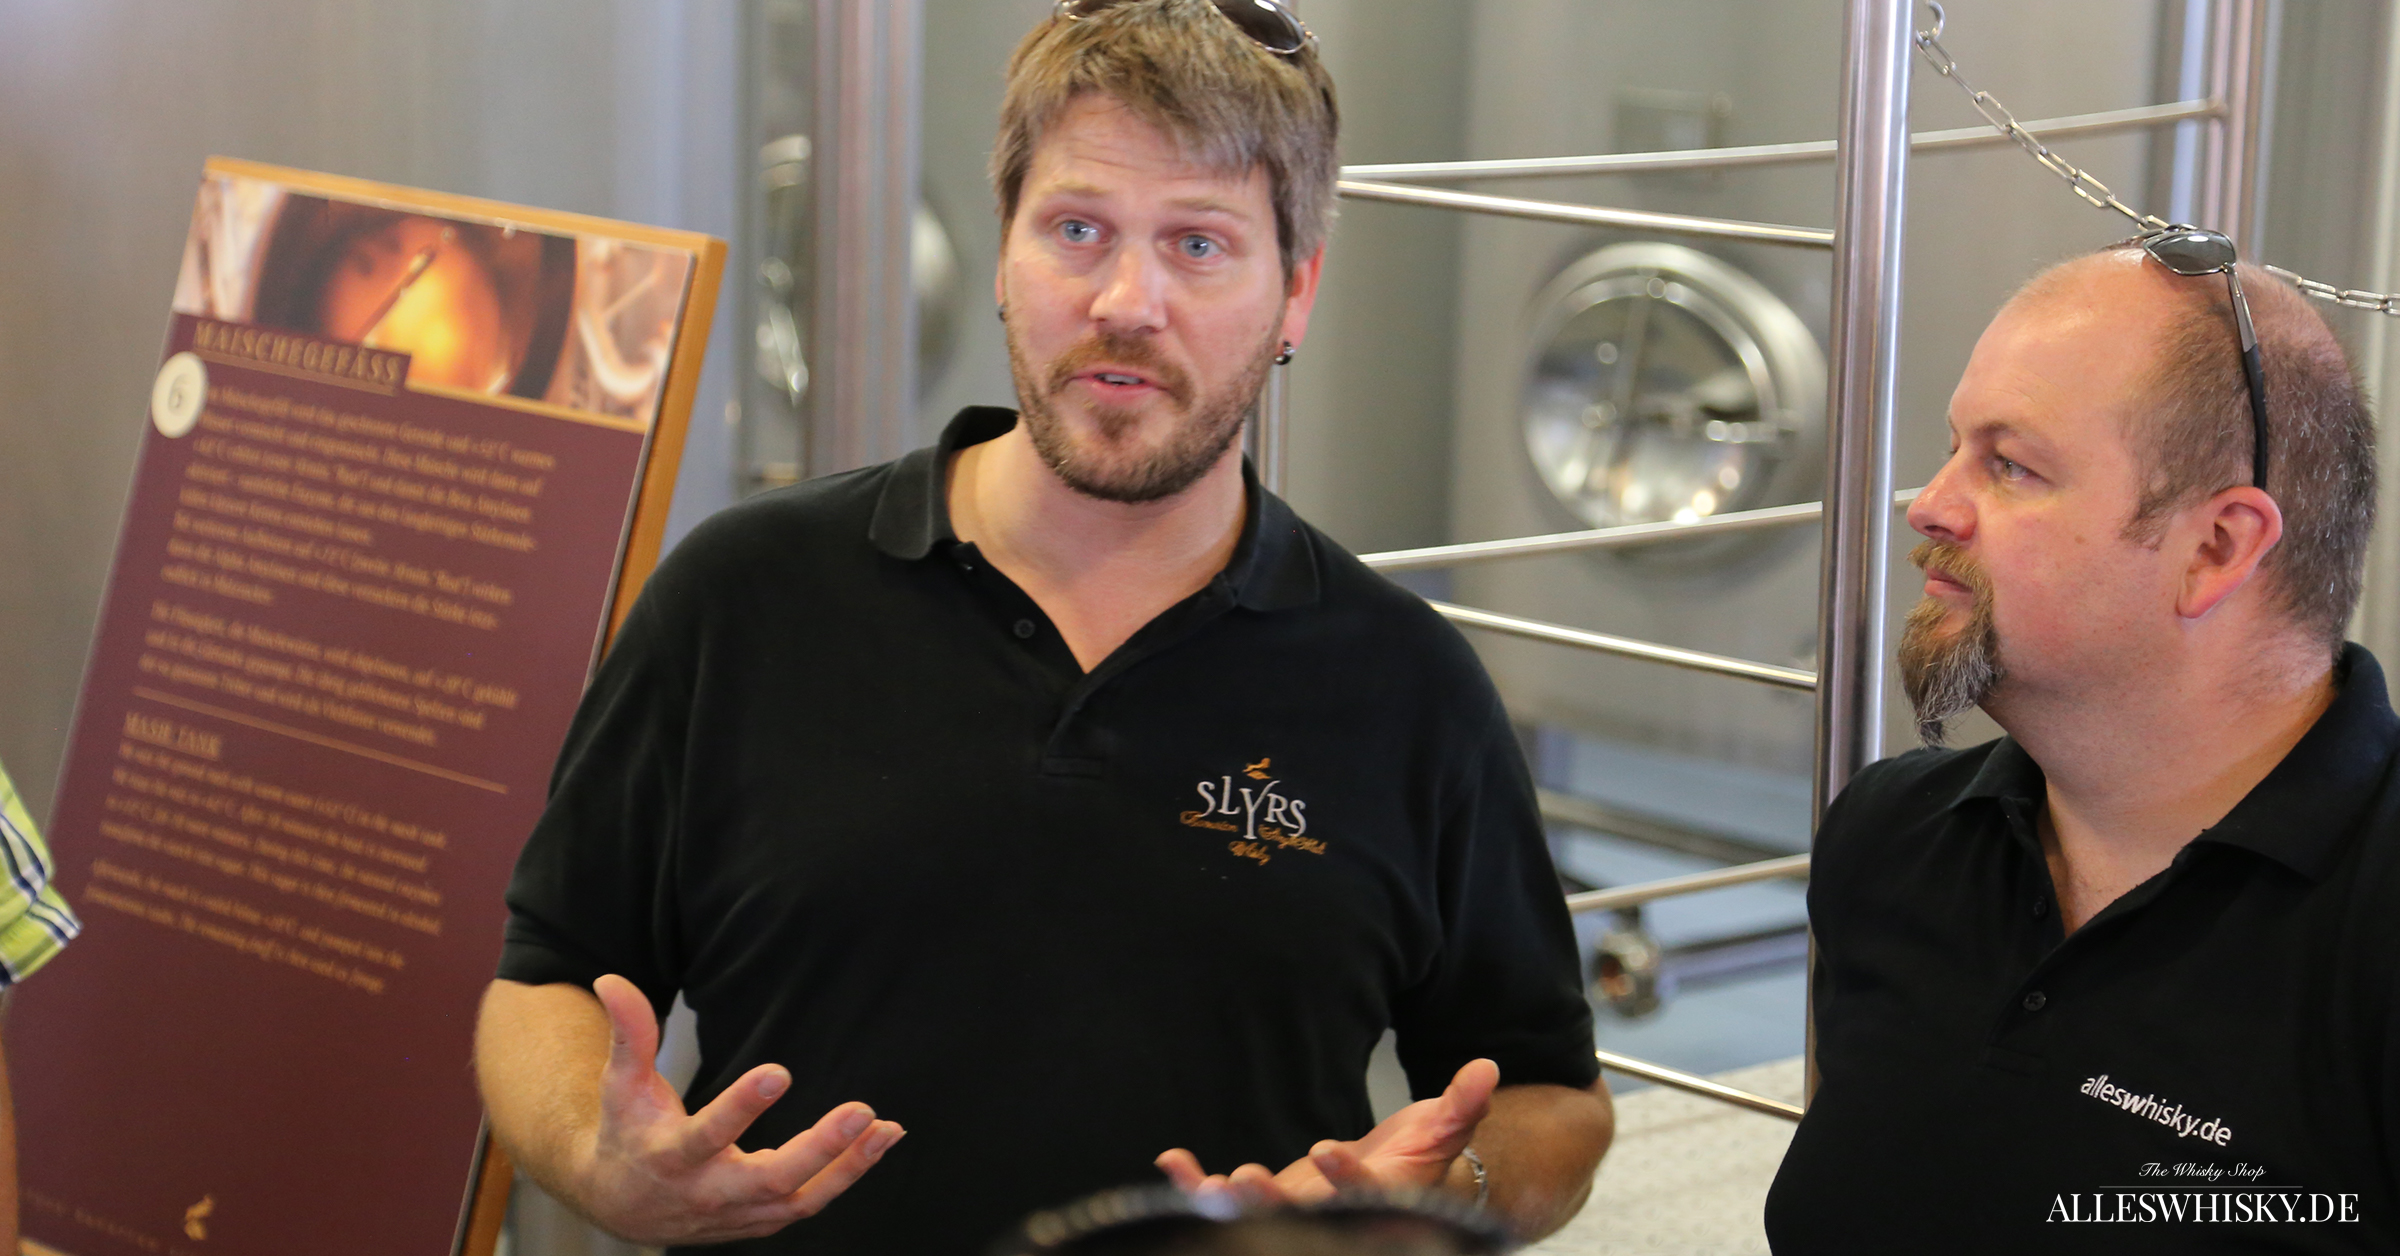 Tobias Maier in seinem Elemet - Destillateur und Spirituosen bei der Vorstellung der Brennerei